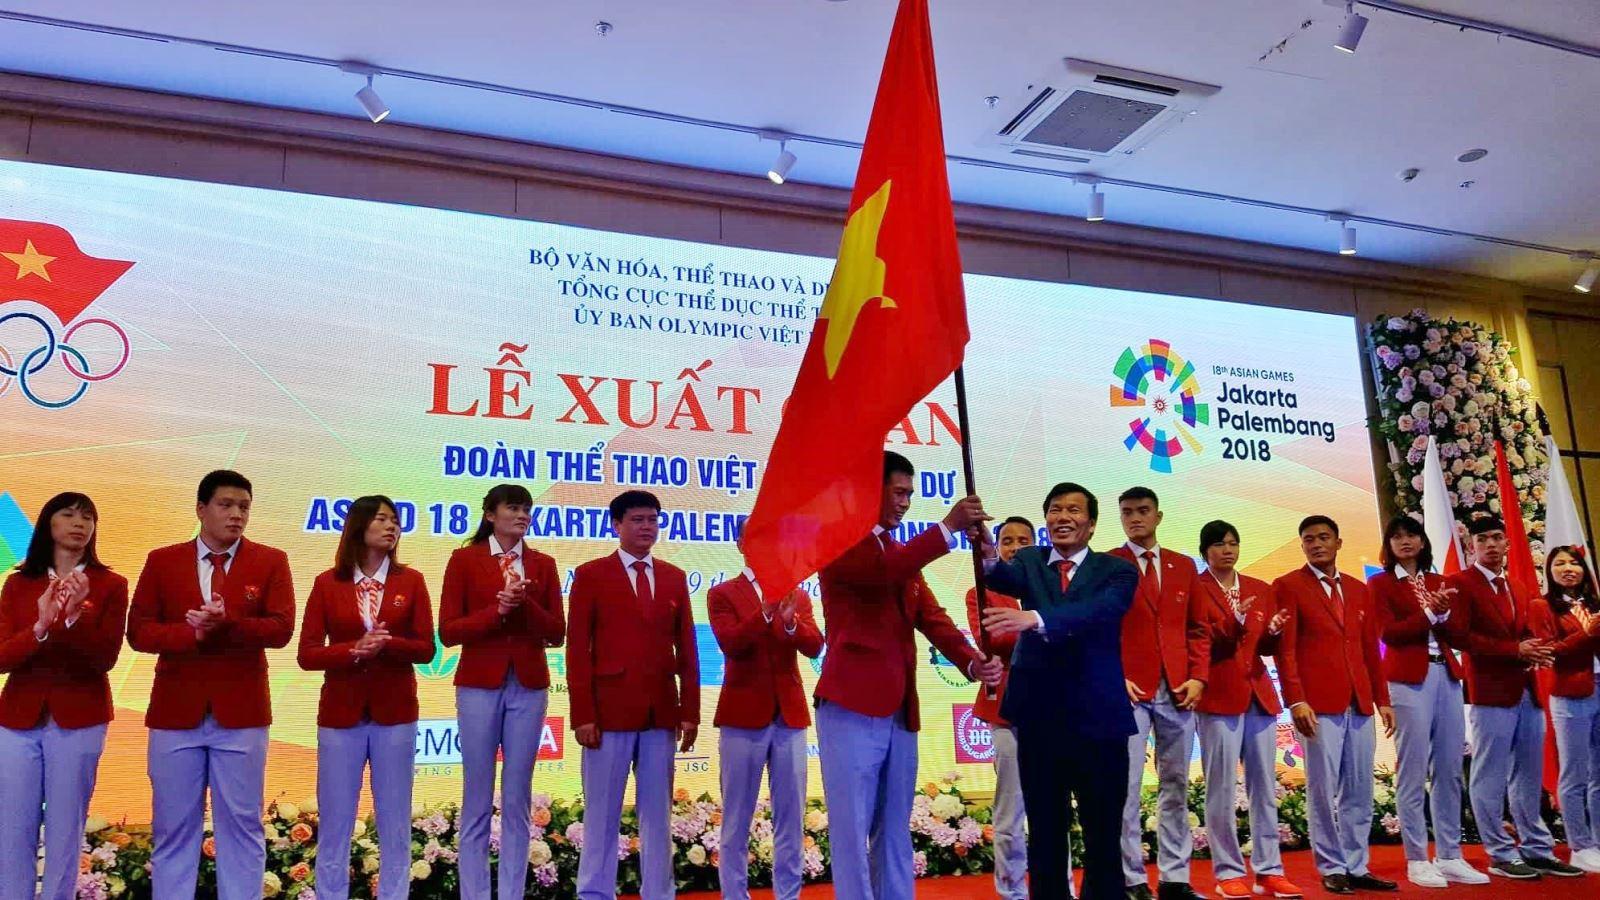 Lễ xuất quân Đoàn thể thao Việt Nam tham dự ASIAD 2018 (Thời sự đêm 9/8/2018)